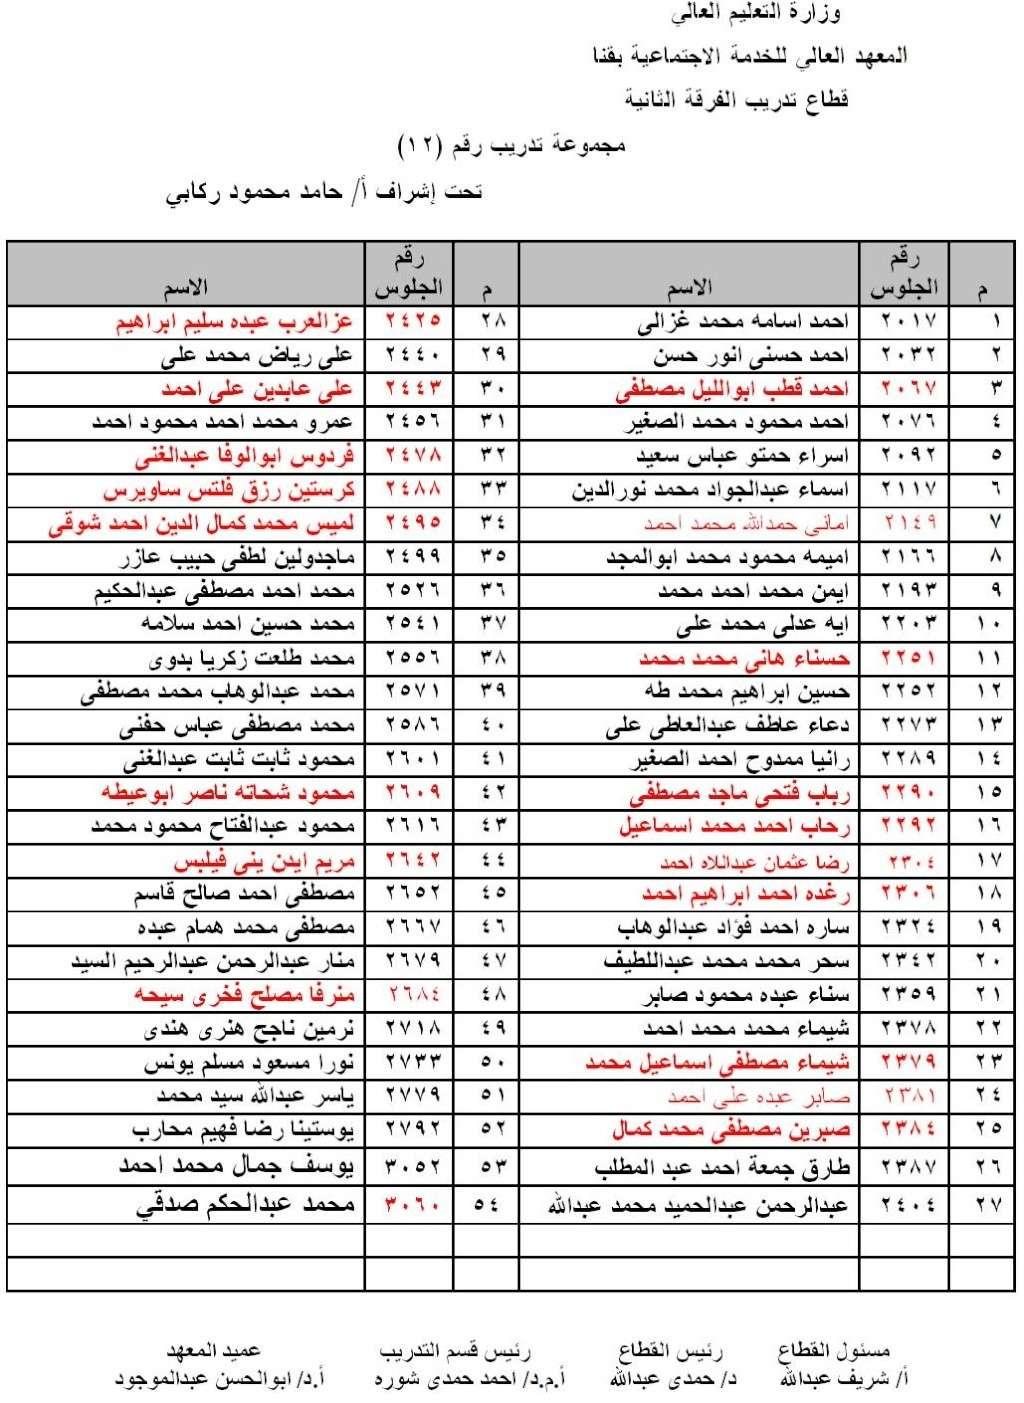 توزيع مجموعات تدريب الفرقة الثانية 2014 - 2015 1210